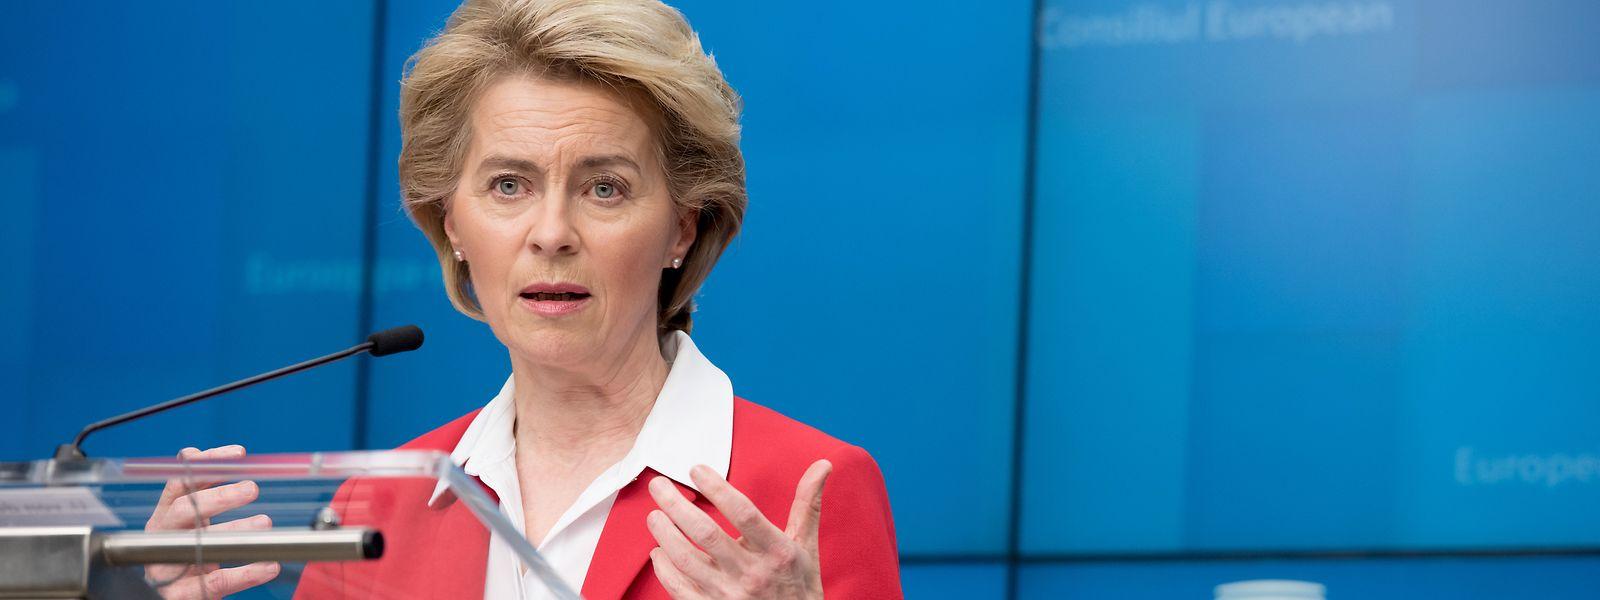 EU-Kommissionspräsidentin Ursula von der Leyen: Ihre Behörde will das ungarische Notstandsgesetz evaluieren.